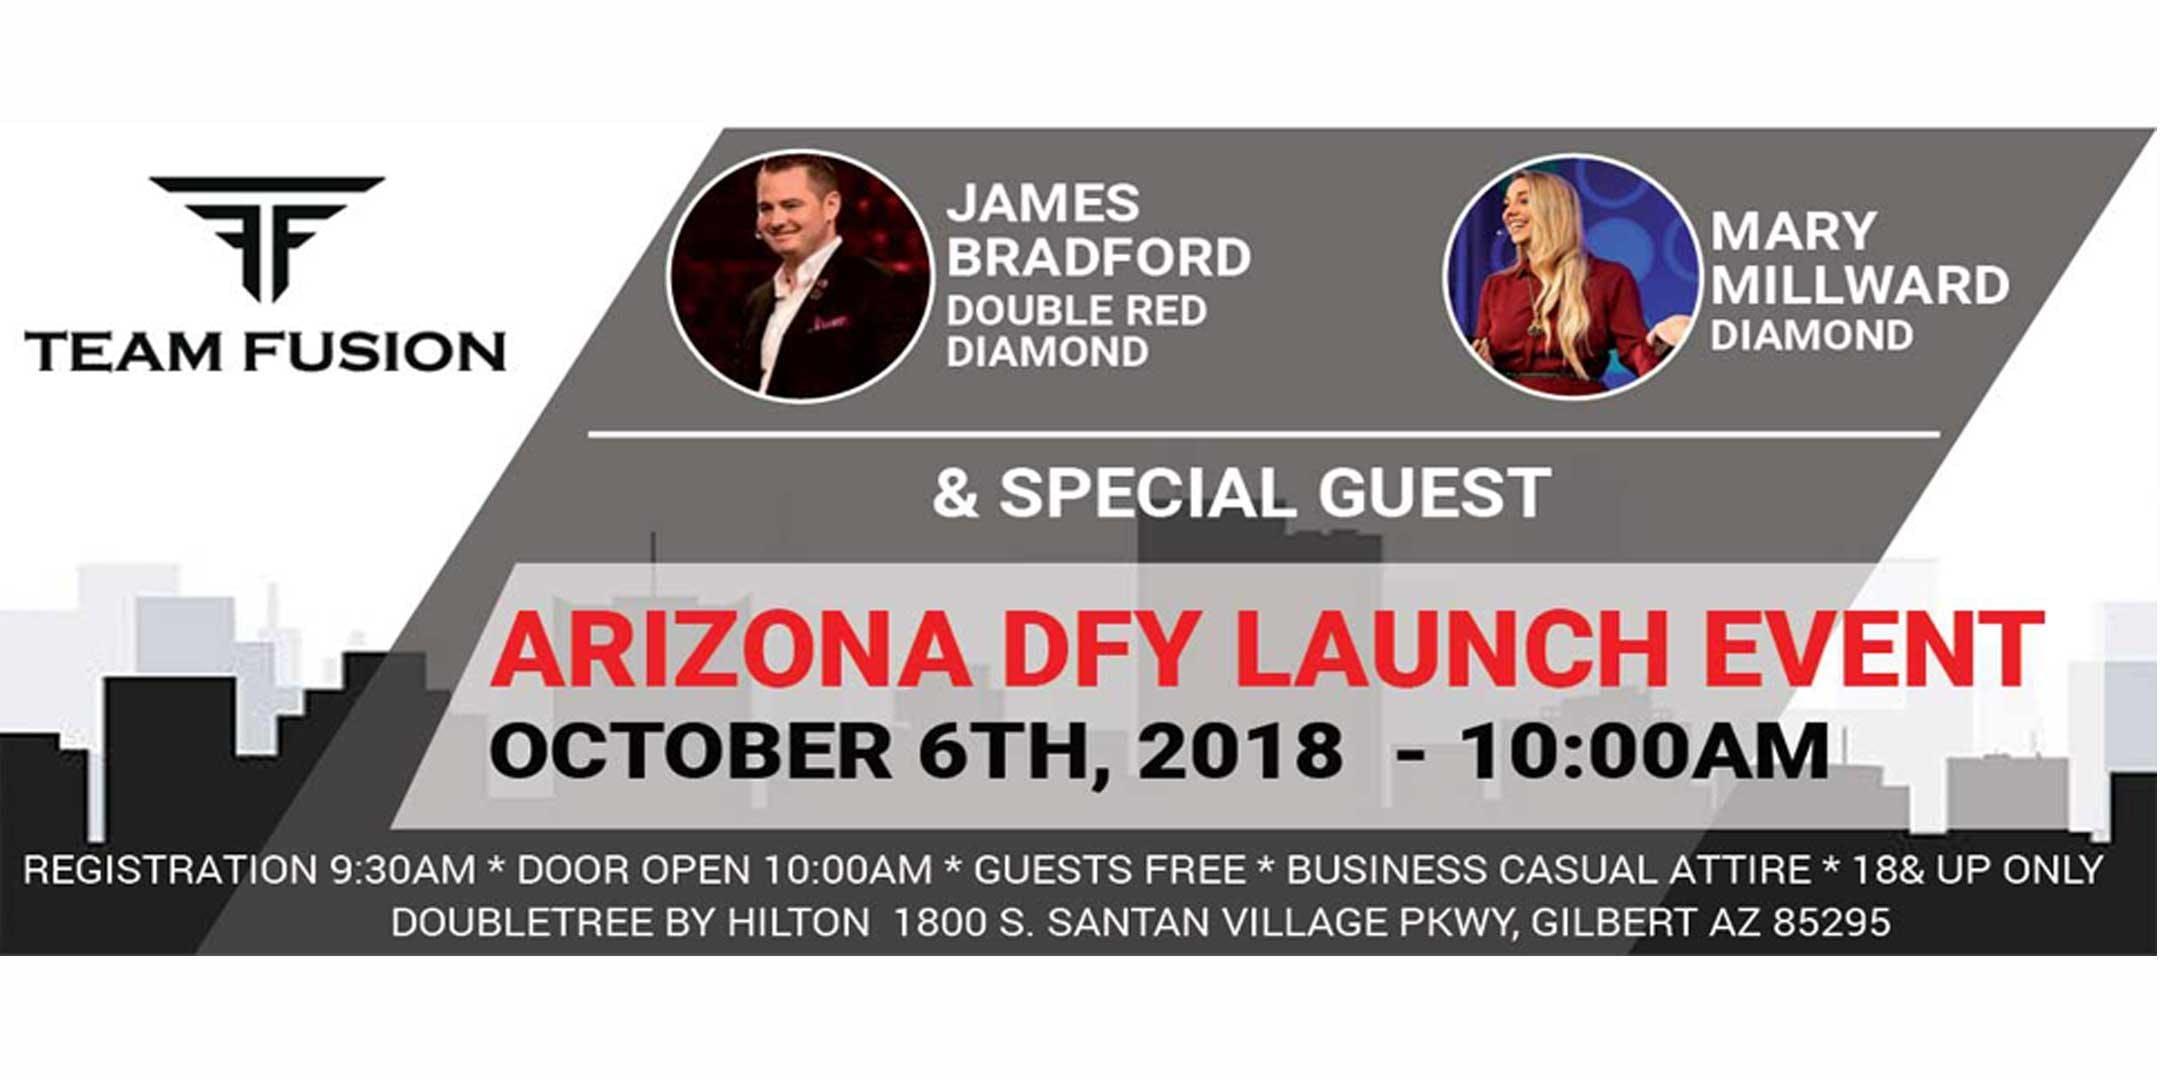 Arizona DFY Launch Event